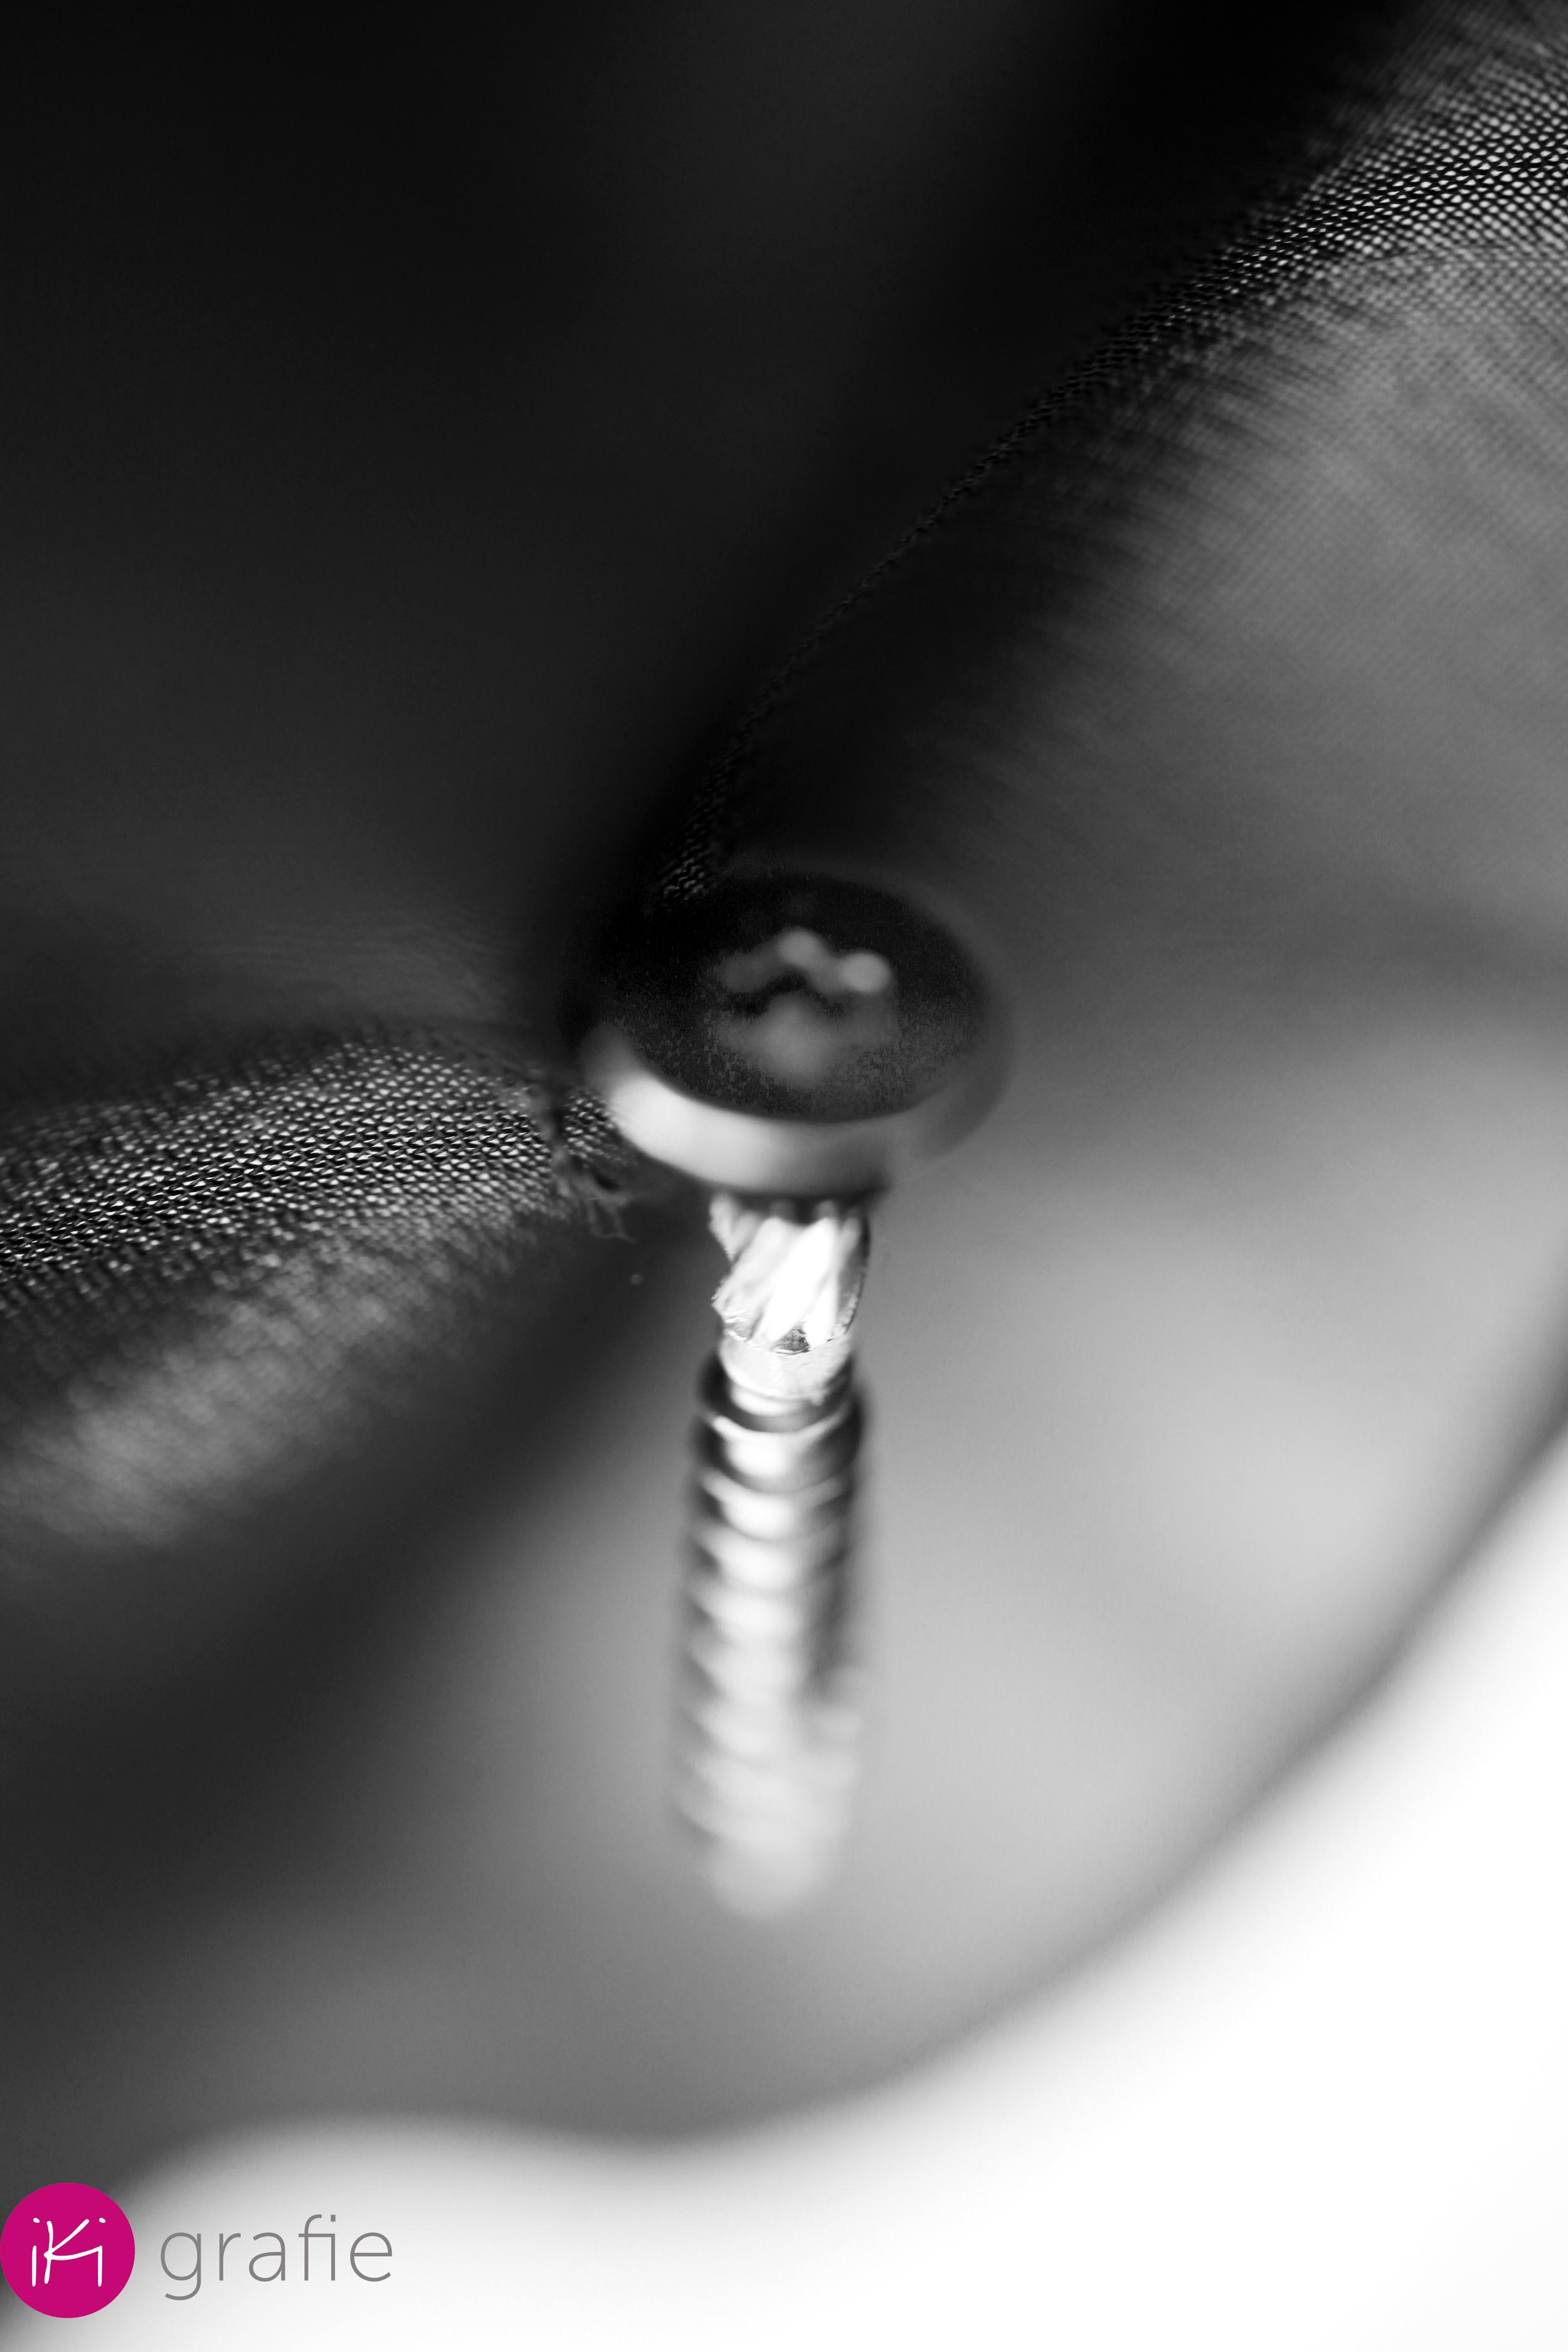 De magie van een Conteq schroef en zwarte zijdezachte stof. Hard als staal versus zwevend in de wind...